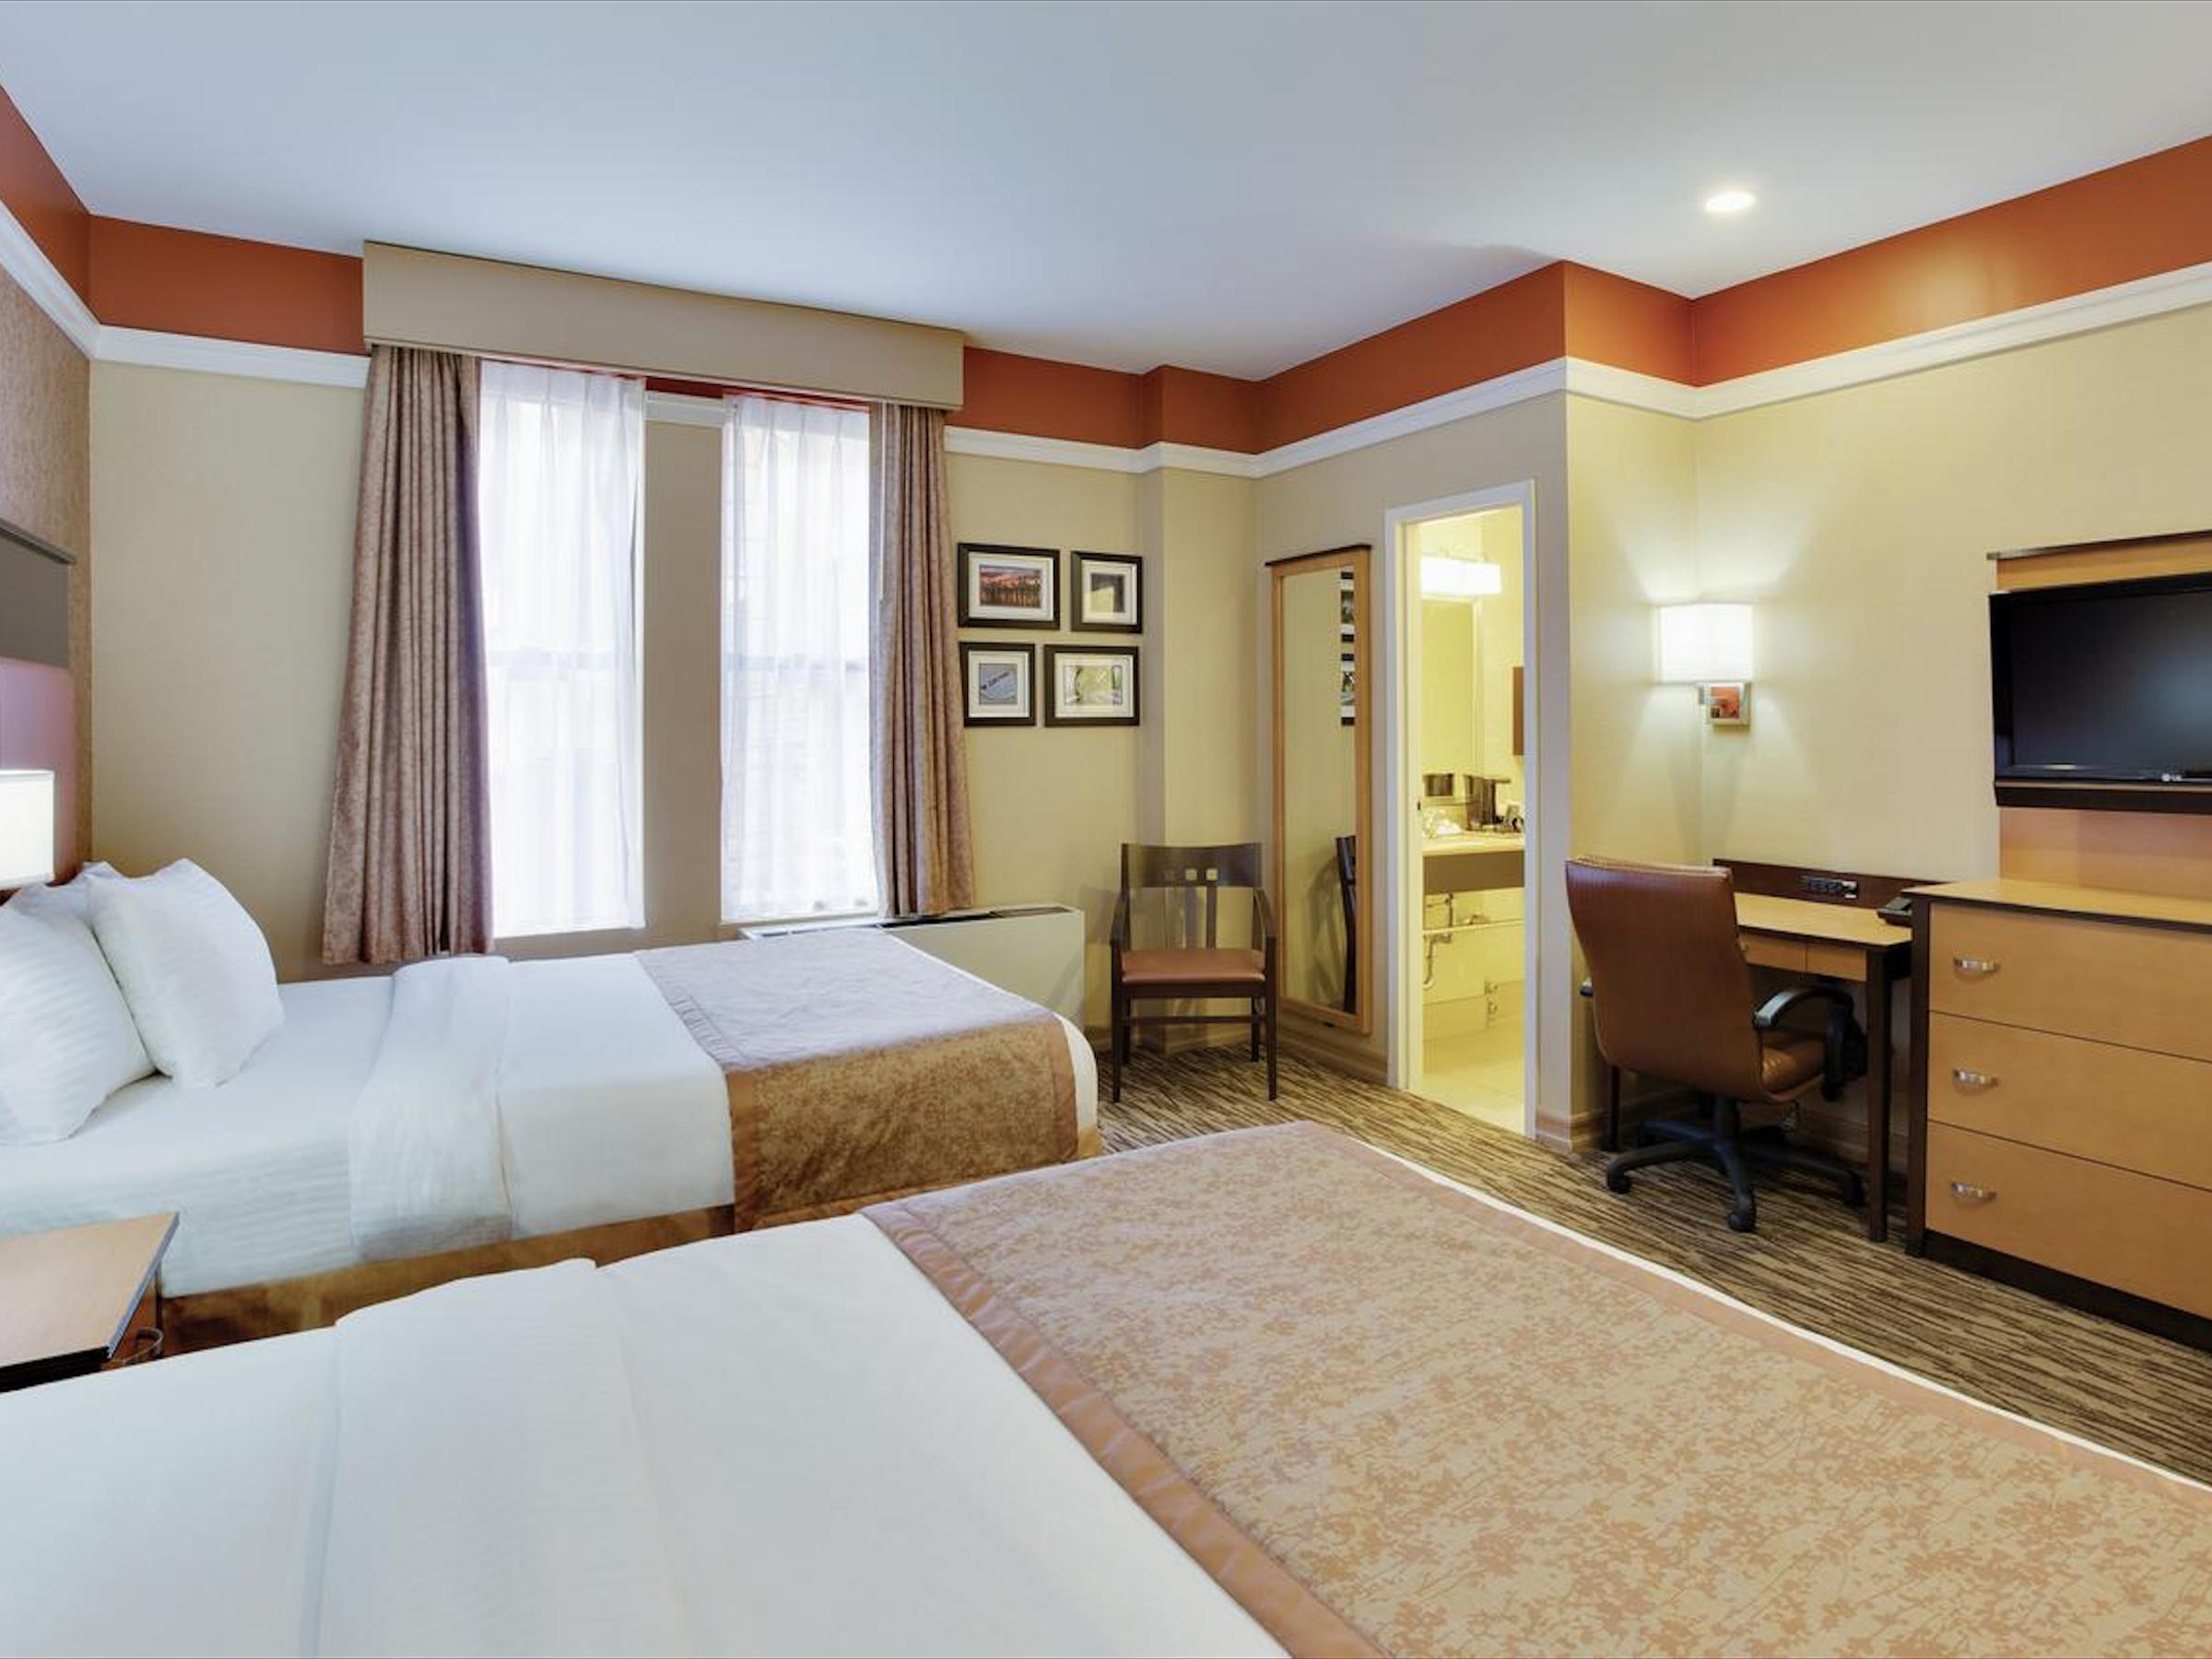 La Quinta Inn & Suites Manhattan ✩✩✩ - Стандартный номер:От $90 за ночь(В зависимости от сезона)Район: Мидтаун